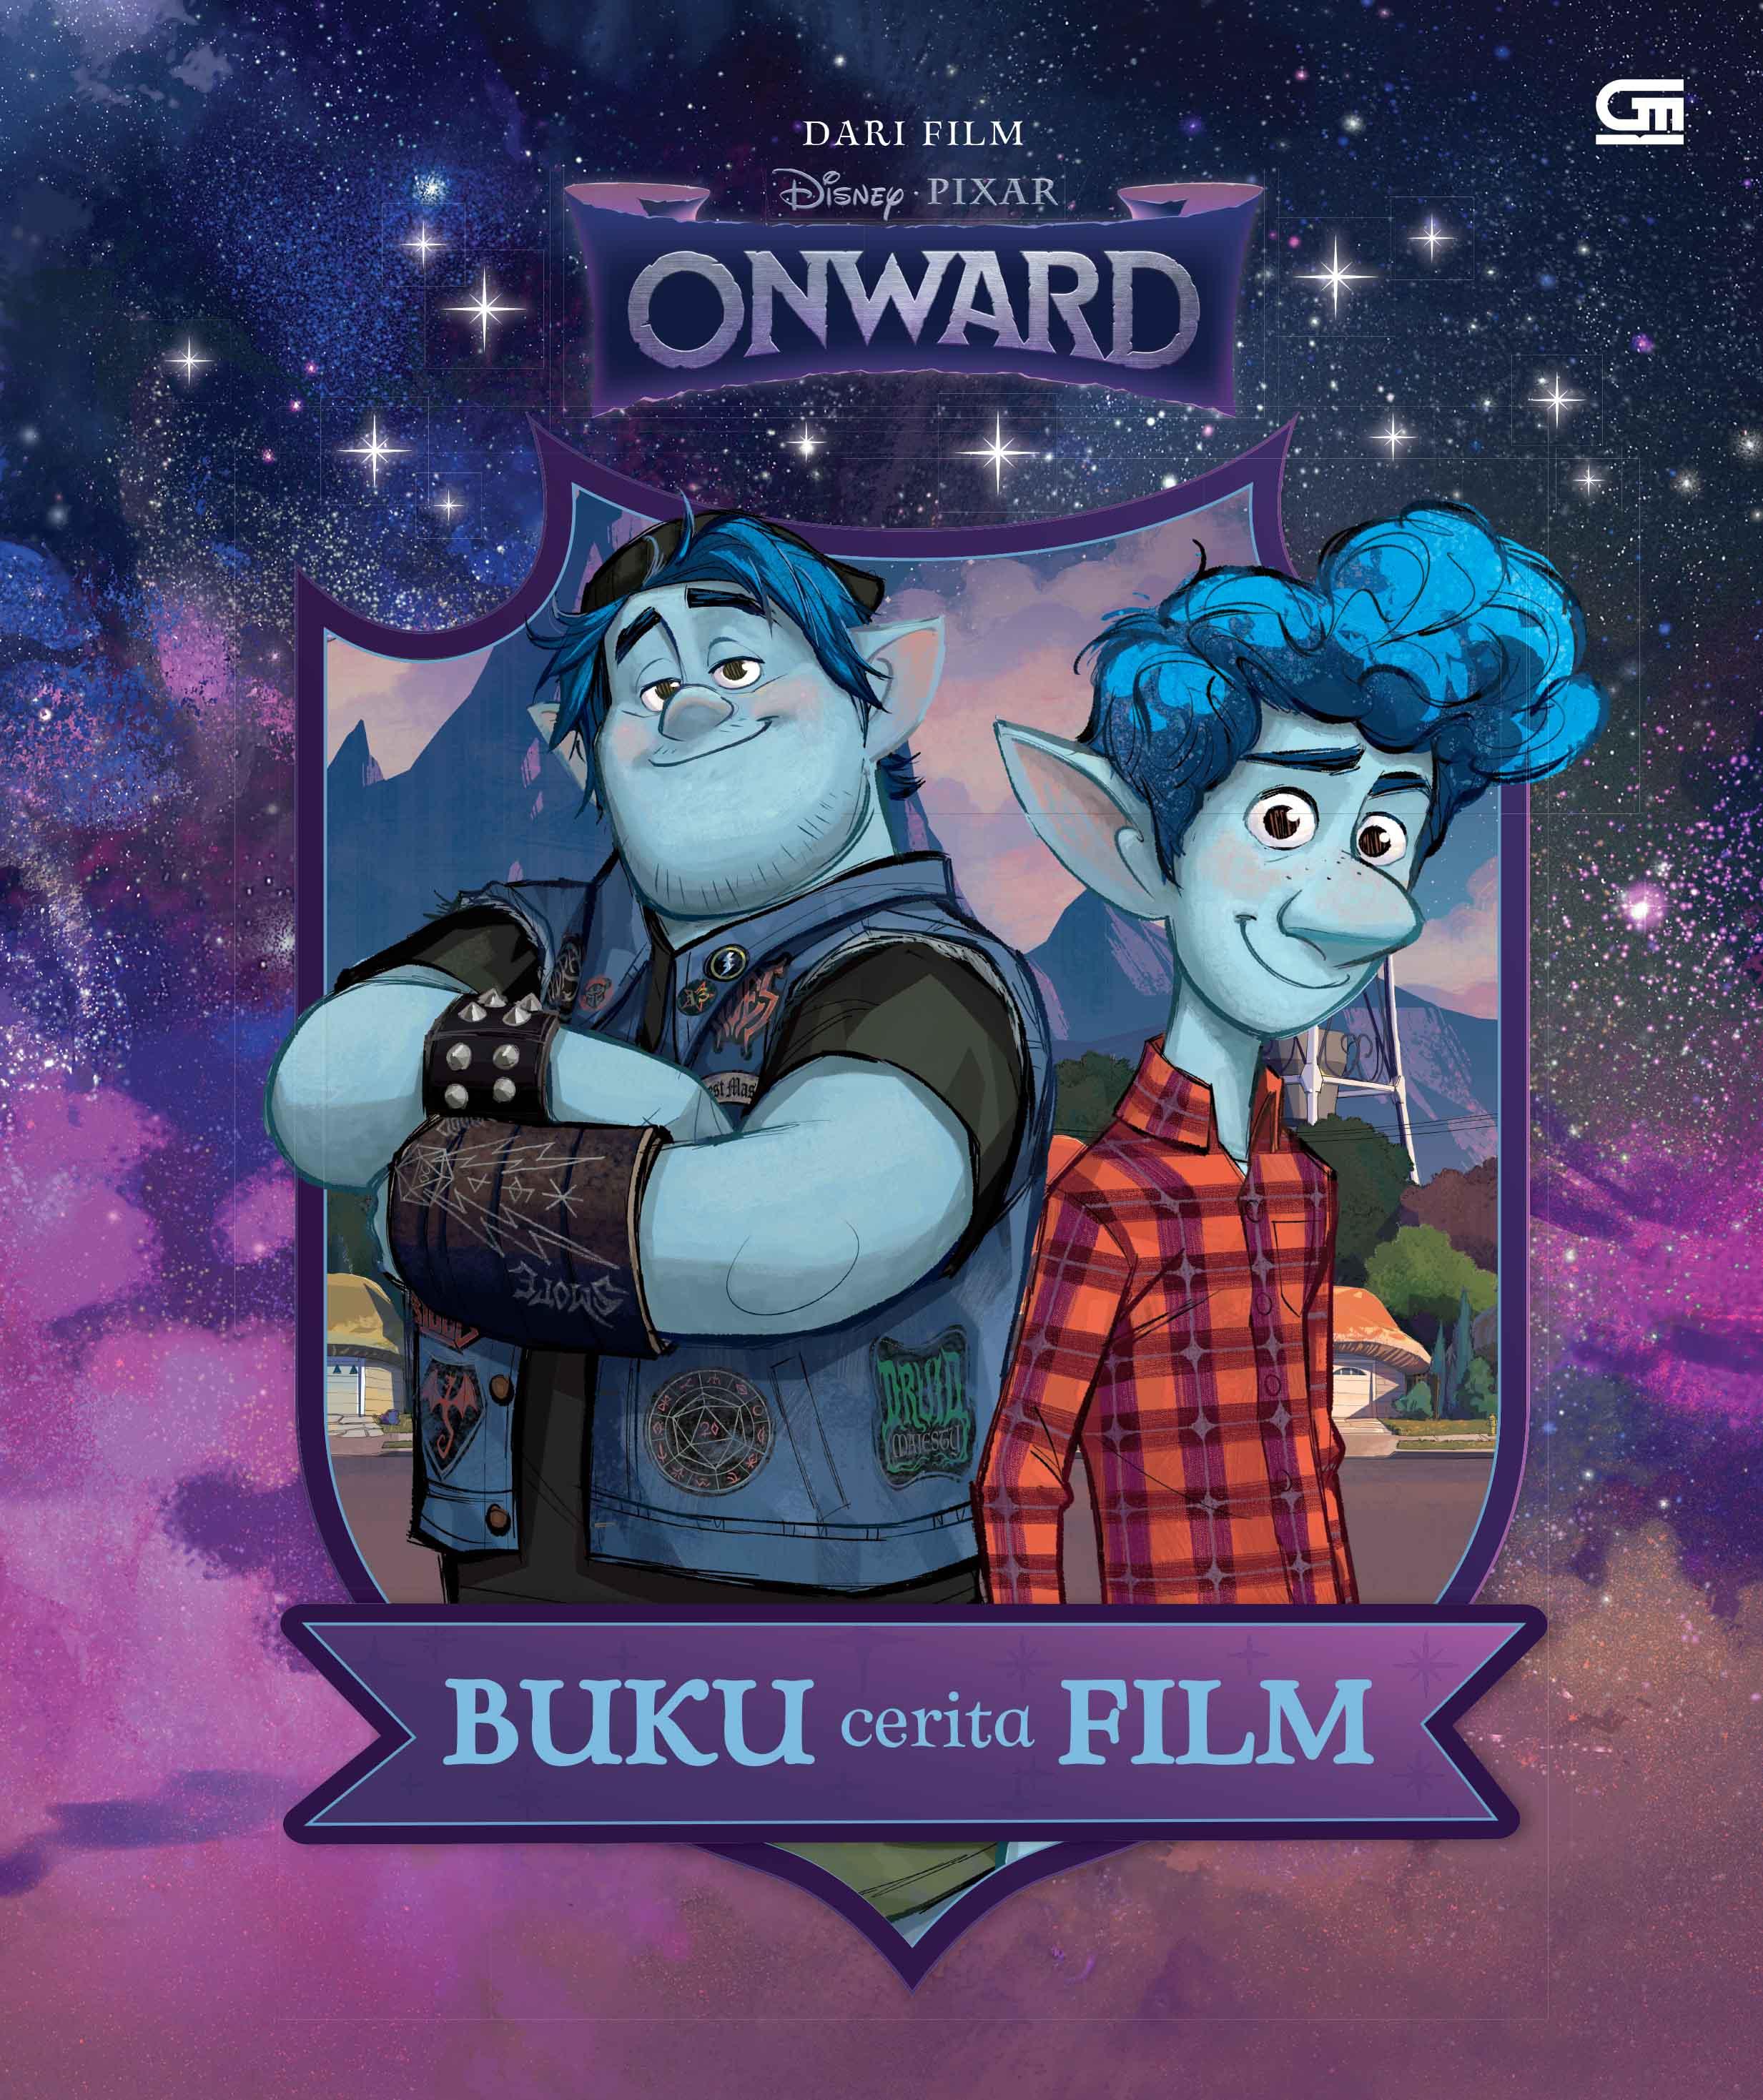 Onward: Buku Cerita Film (Onward: Book of the Film)